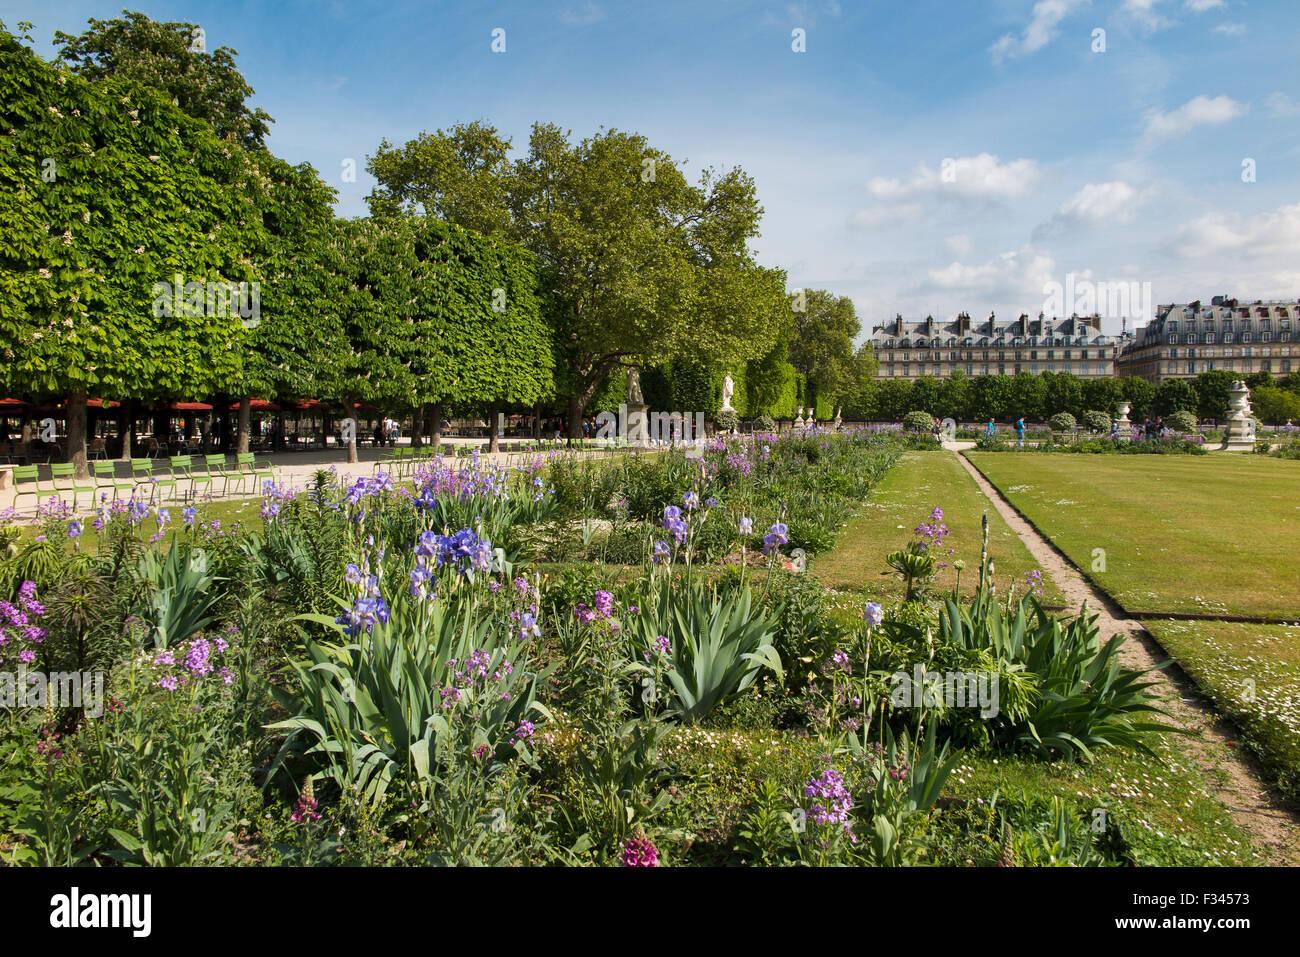 Jardin des Tuileries, Paris, France - Stock Image